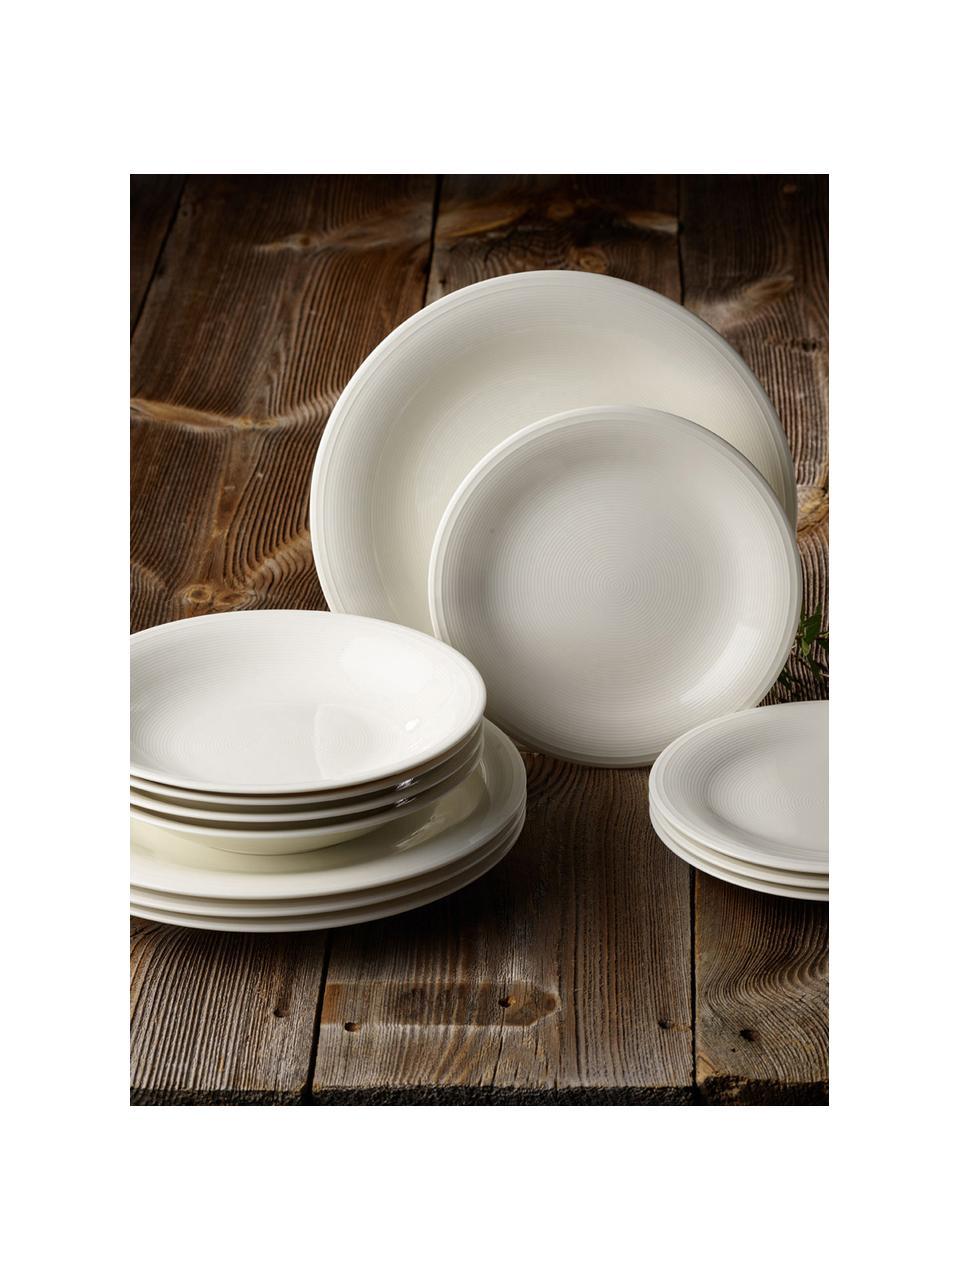 Service de table porcelaine Loop, 4 personnes (12élém.), Beige, blanc crème